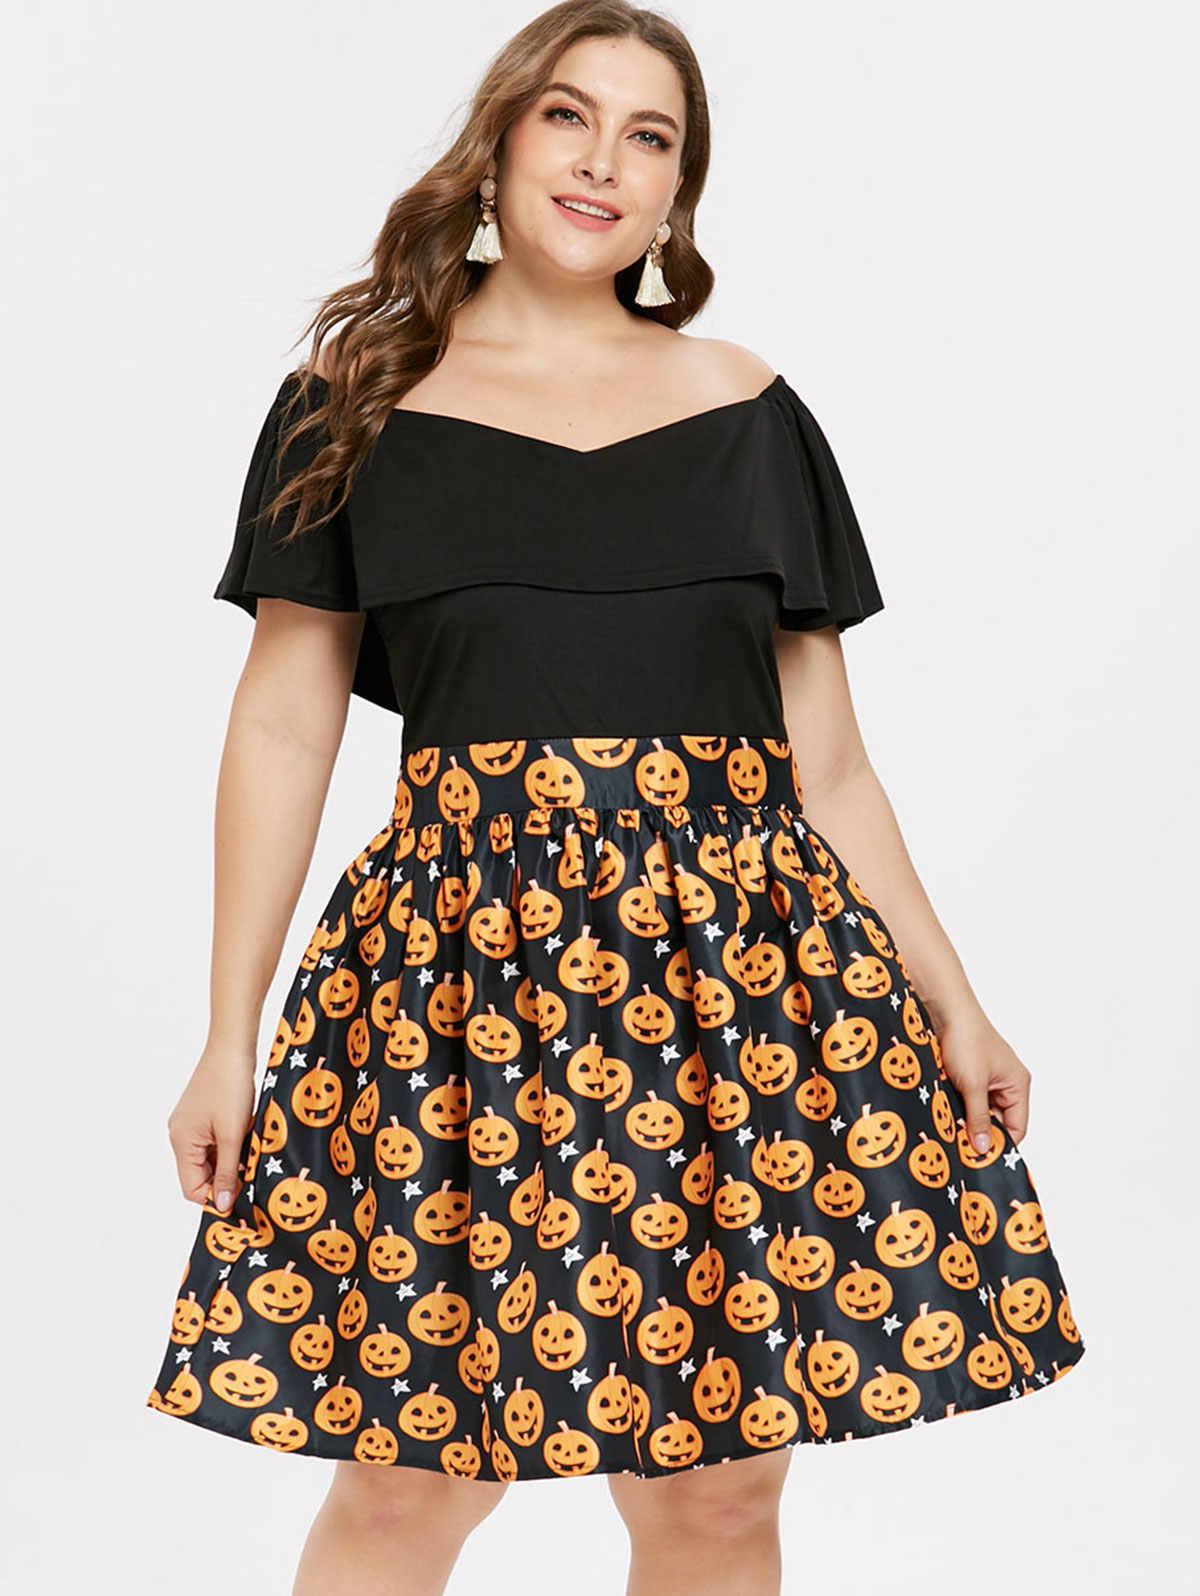 Wipalo/Большие размеры, винтажные Вечерние платья на Хэллоуин, женские платья с воланом и тыквой, платья раструбом, платье трапециевидной формы, большие размеры